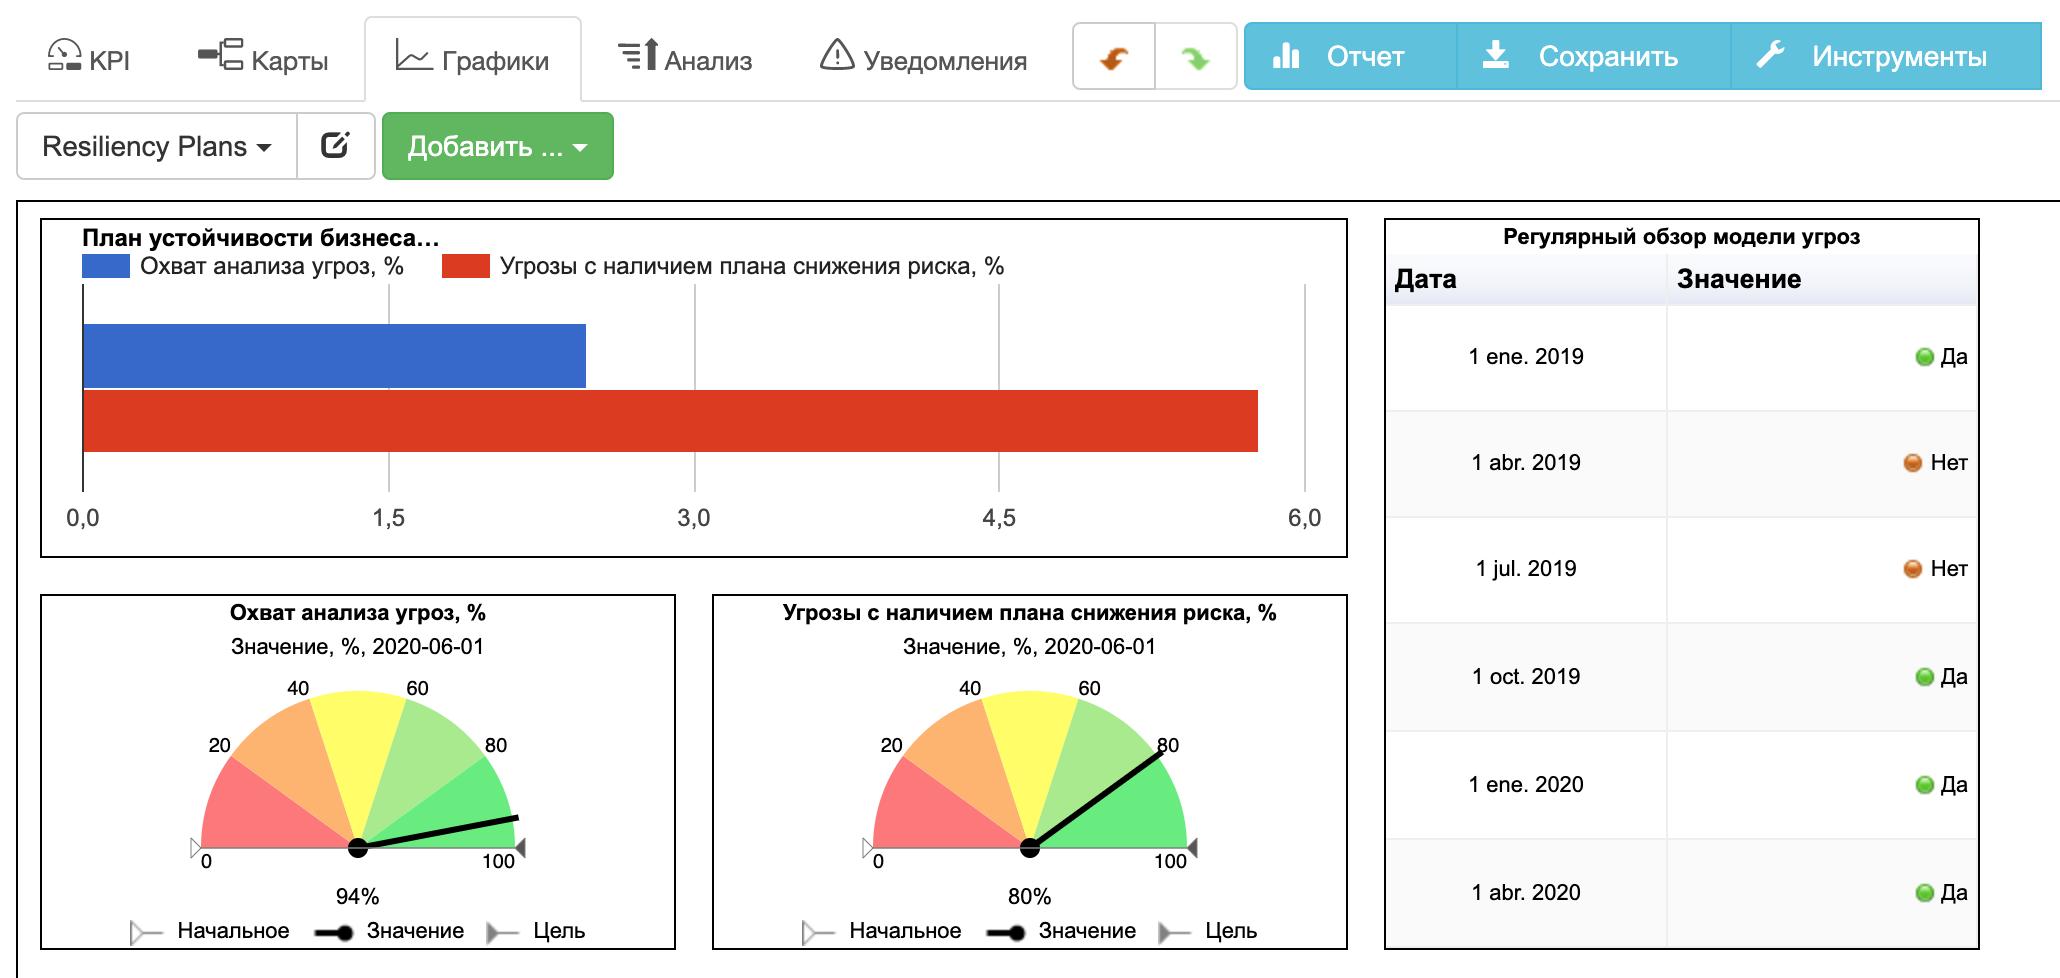 Контрольная панель с графиками для оценки устойчивости бизнеса